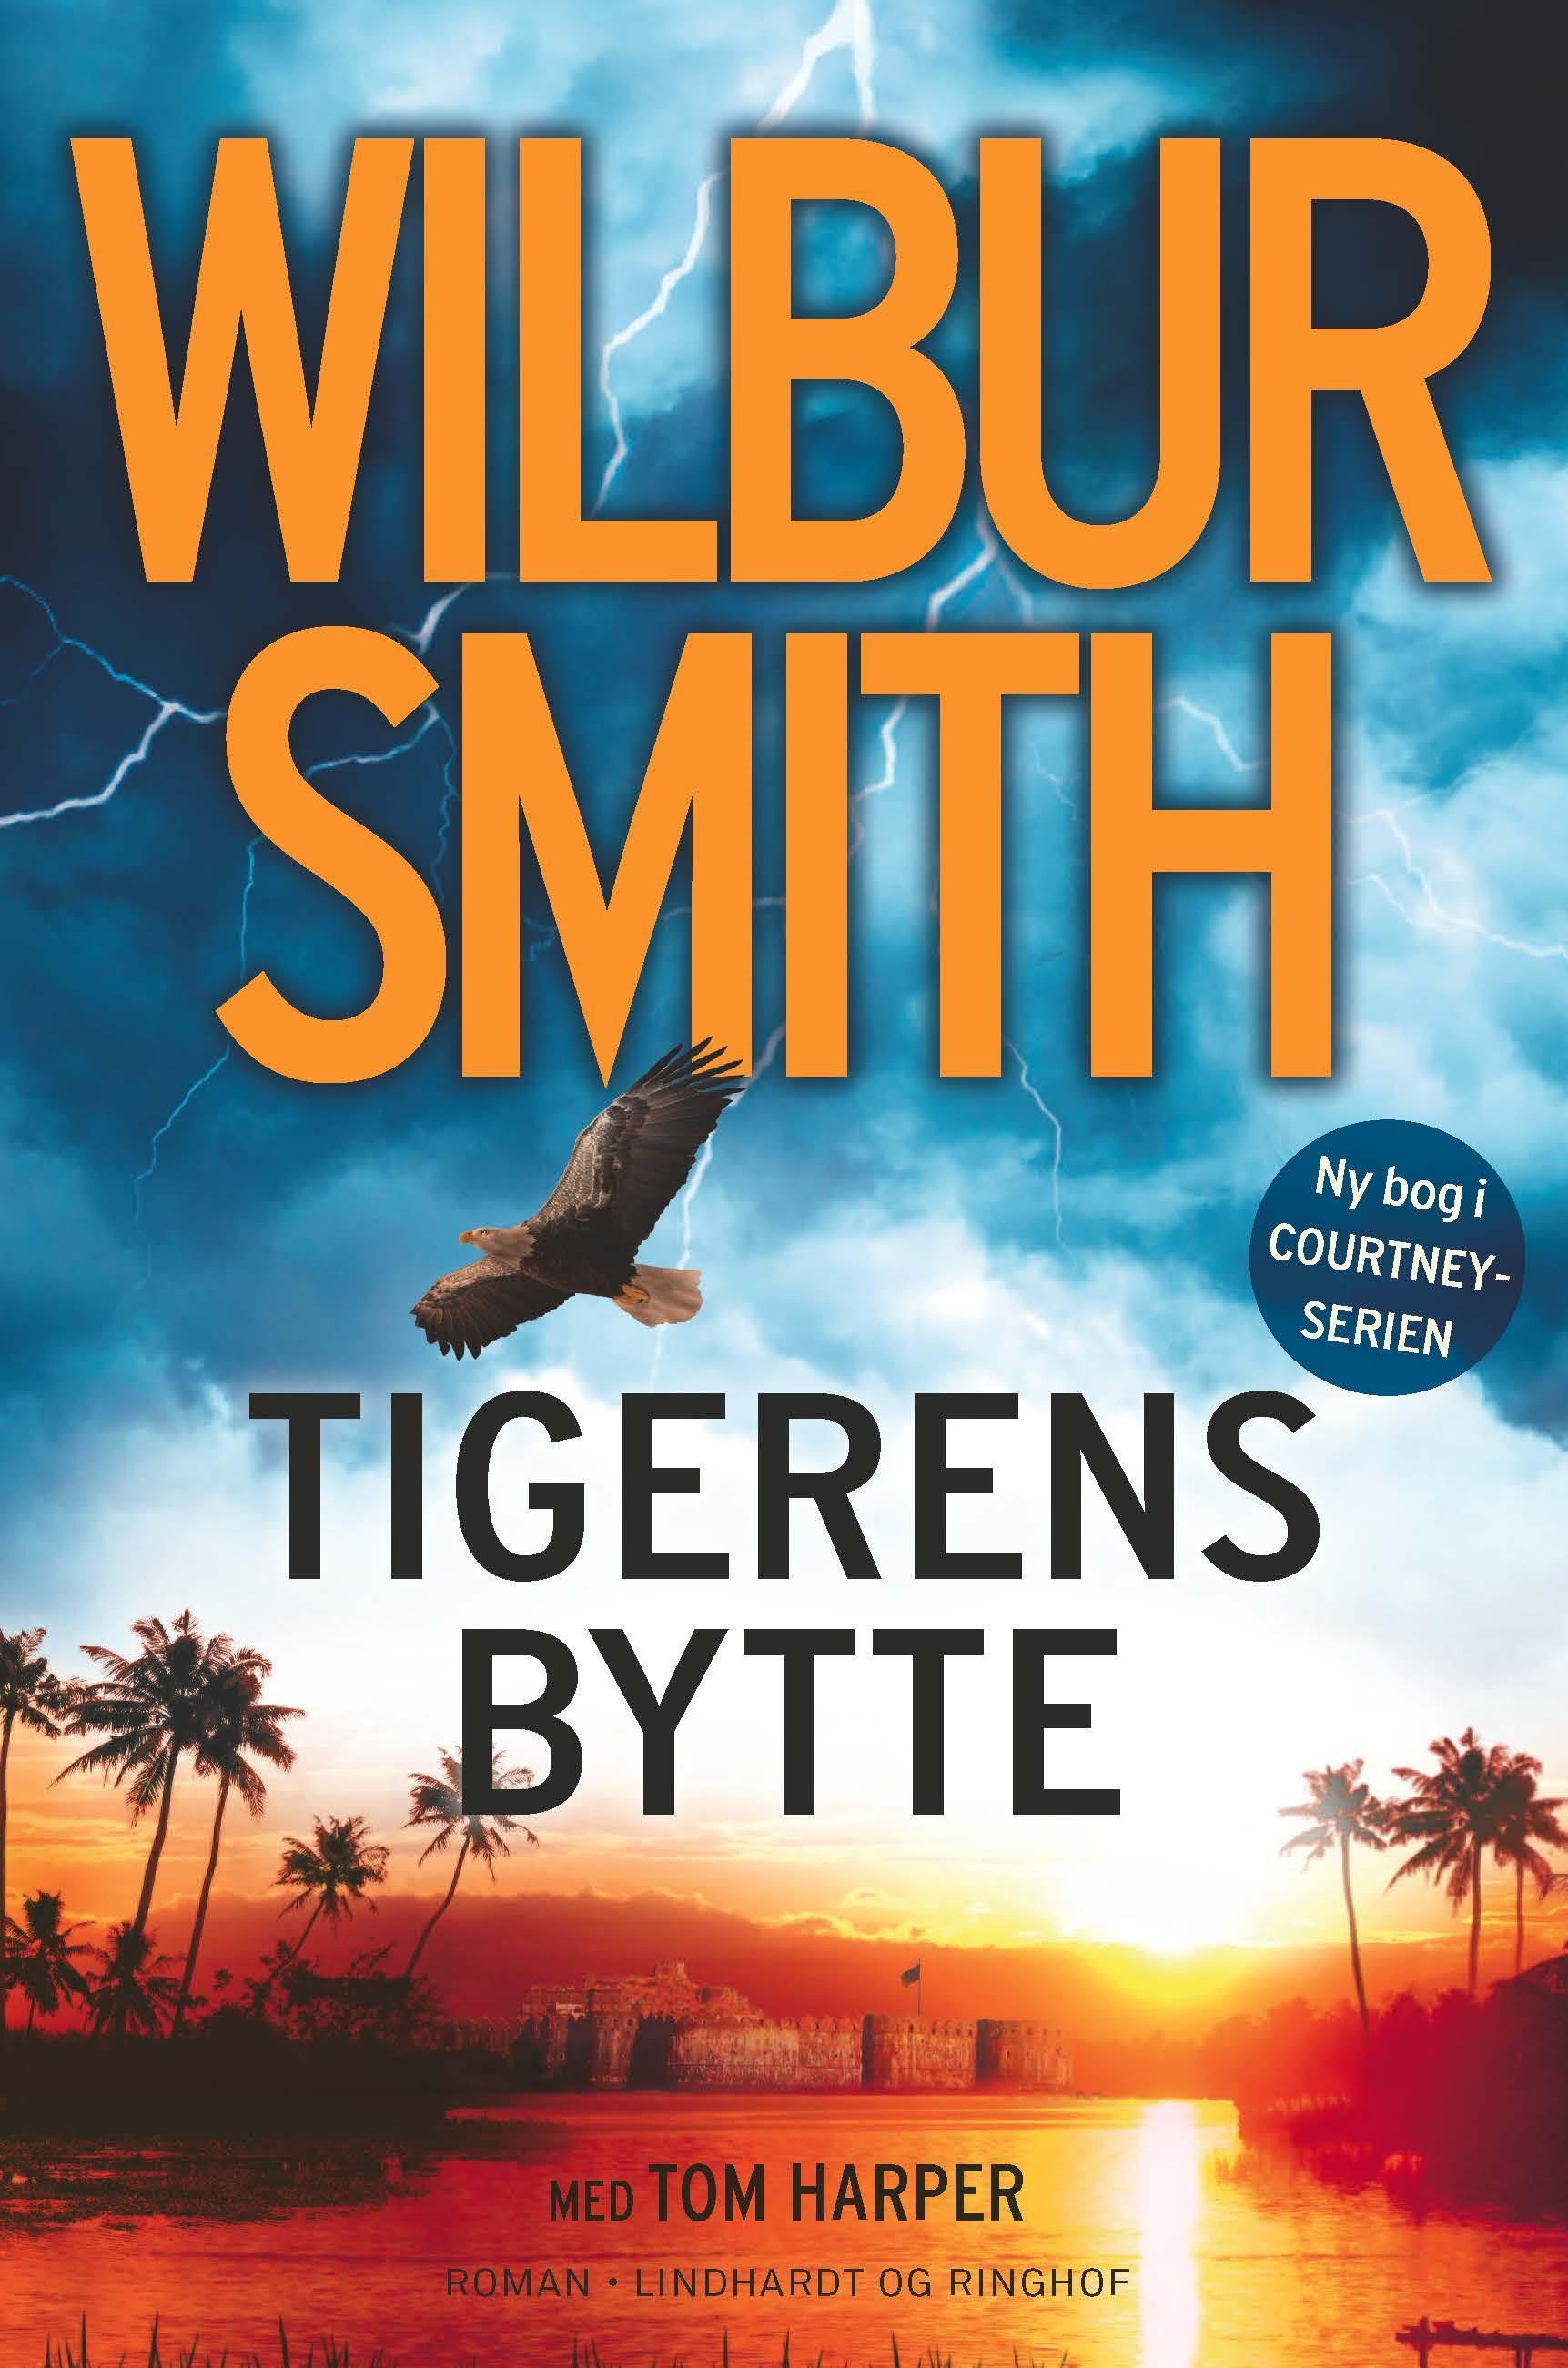 Courtney-serien: Tigerens bytte - Wilbur Smith - Bøger - Lindhardt og Ringhof - 9788711915097 - July 16, 2019